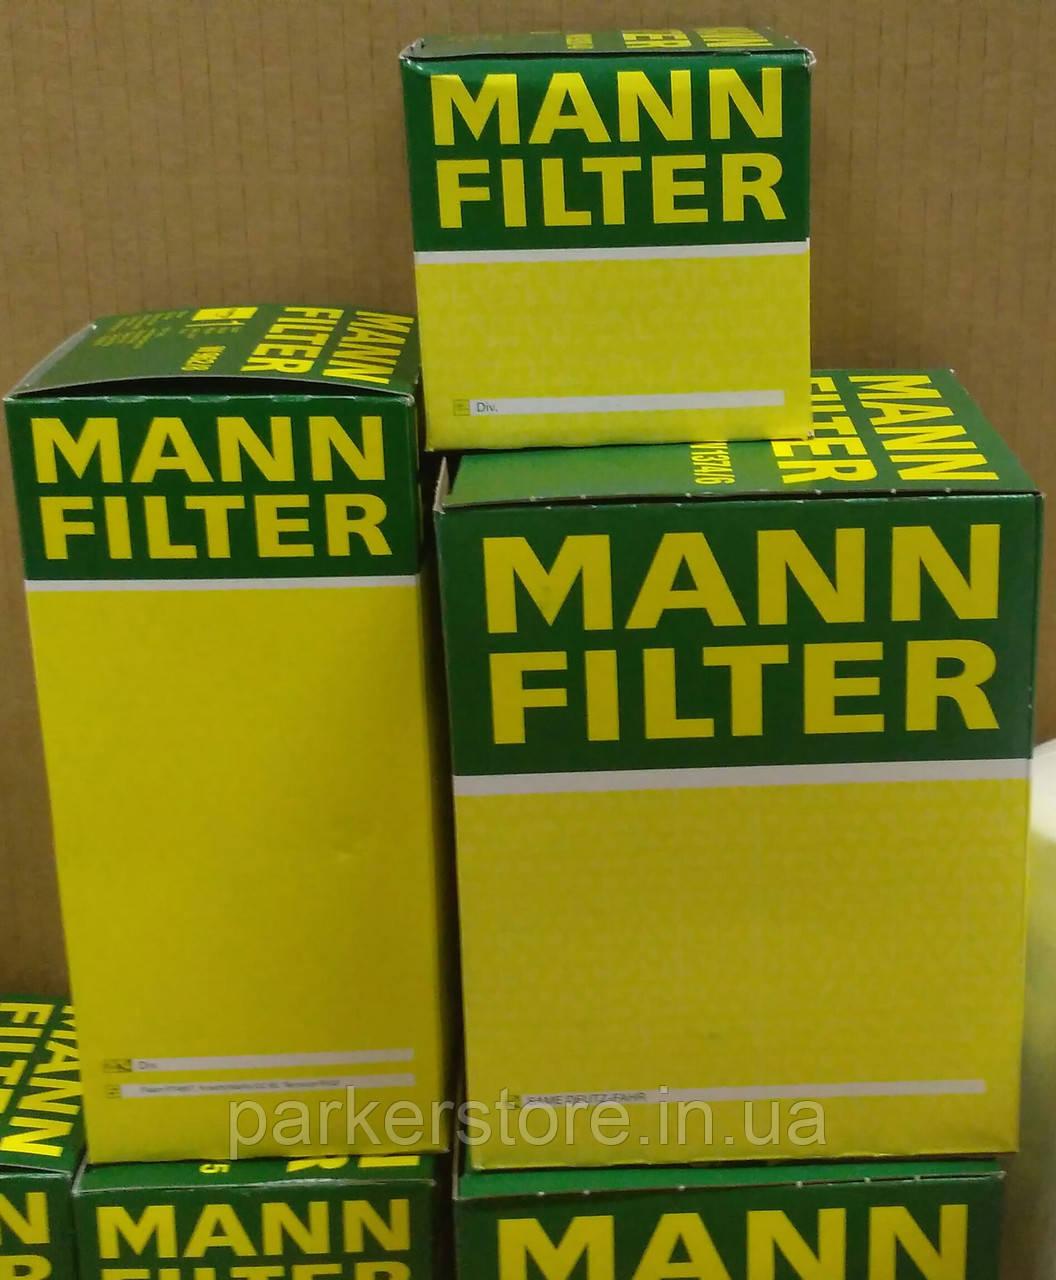 MANN FILTER / Повітряний фільтр / C 2731/1 / C2731/1